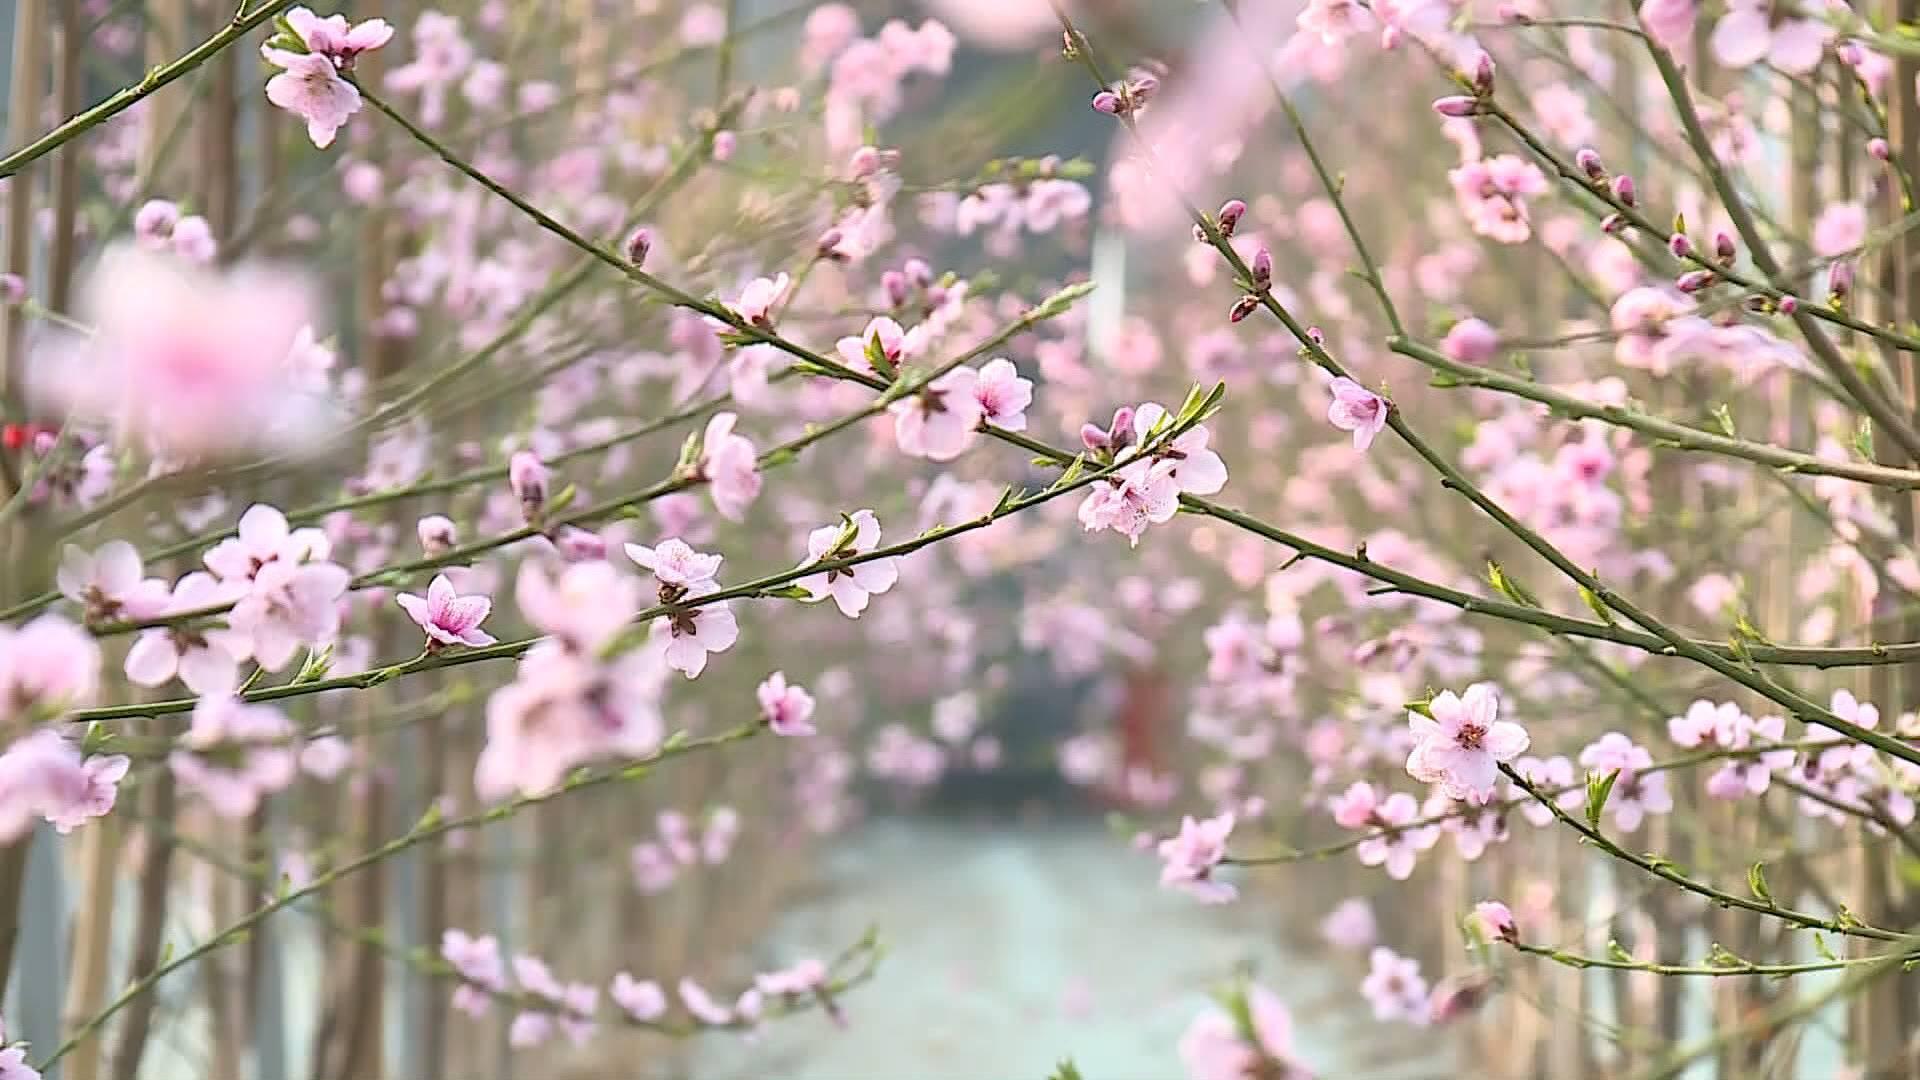 71秒丨新春伊始花木萌动 齐鲁春色美不胜收